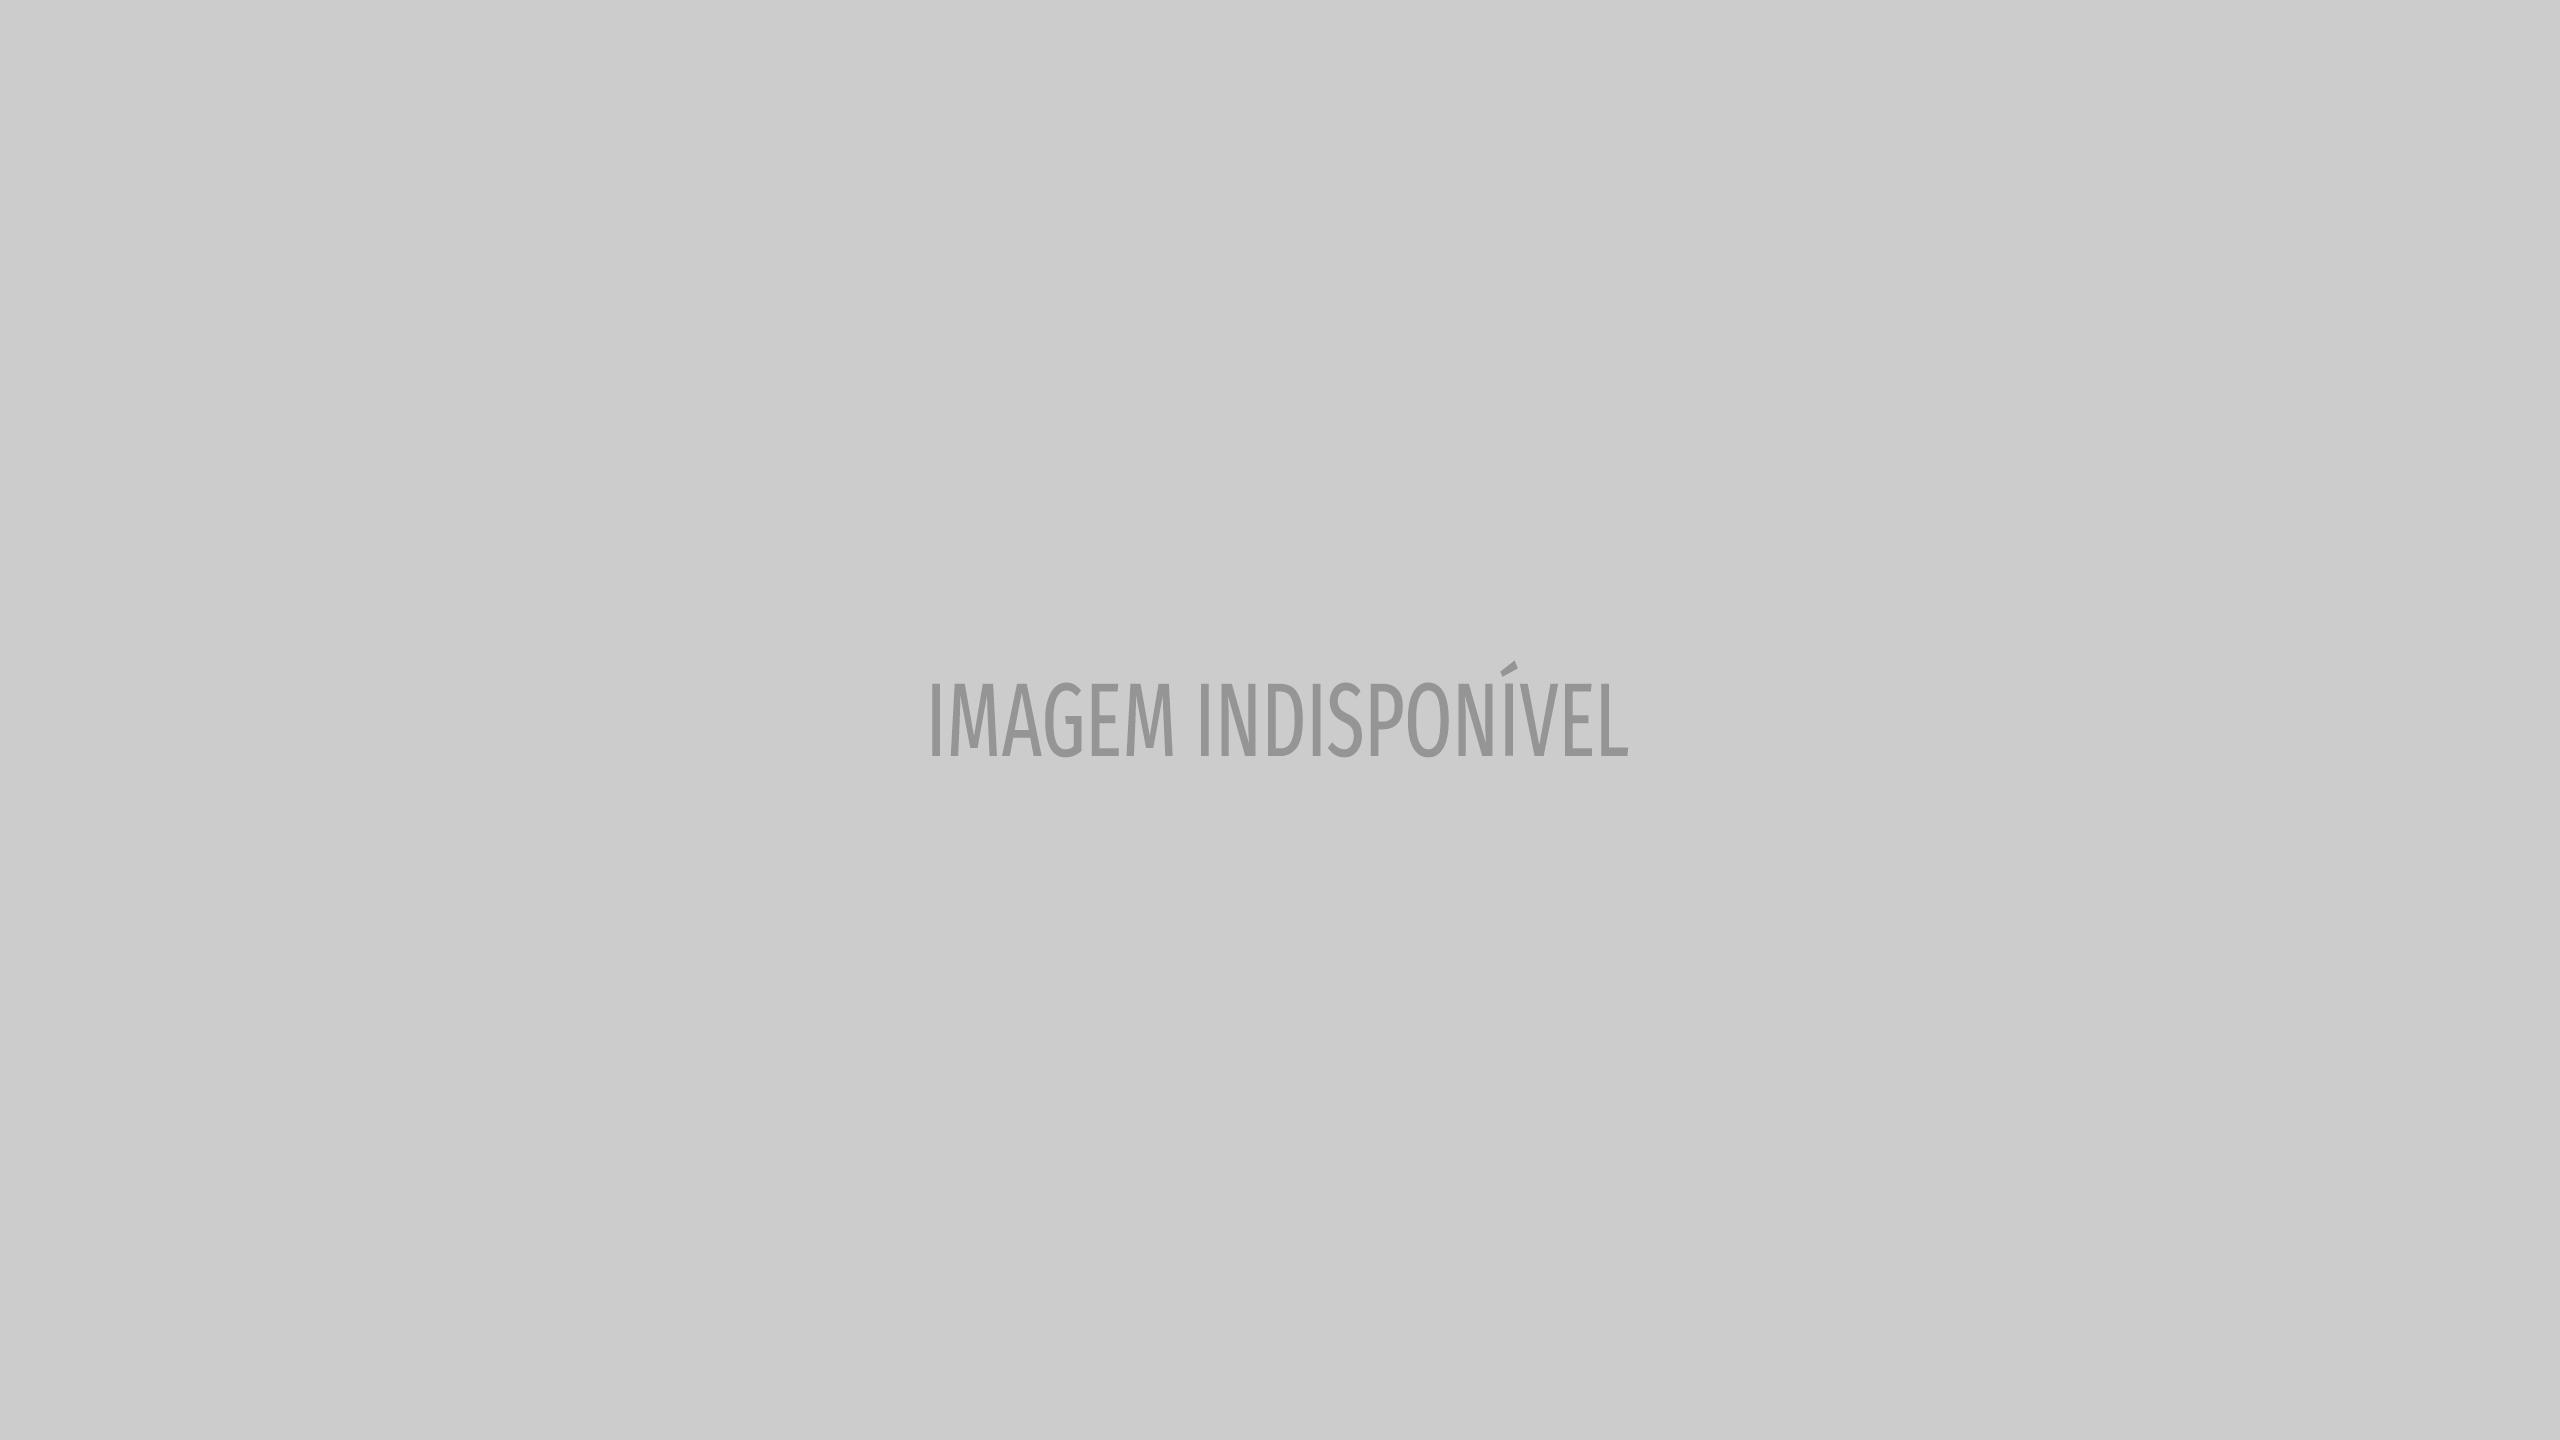 Convidamo-lo a espreitar o Instagram do polémico Donald Trump